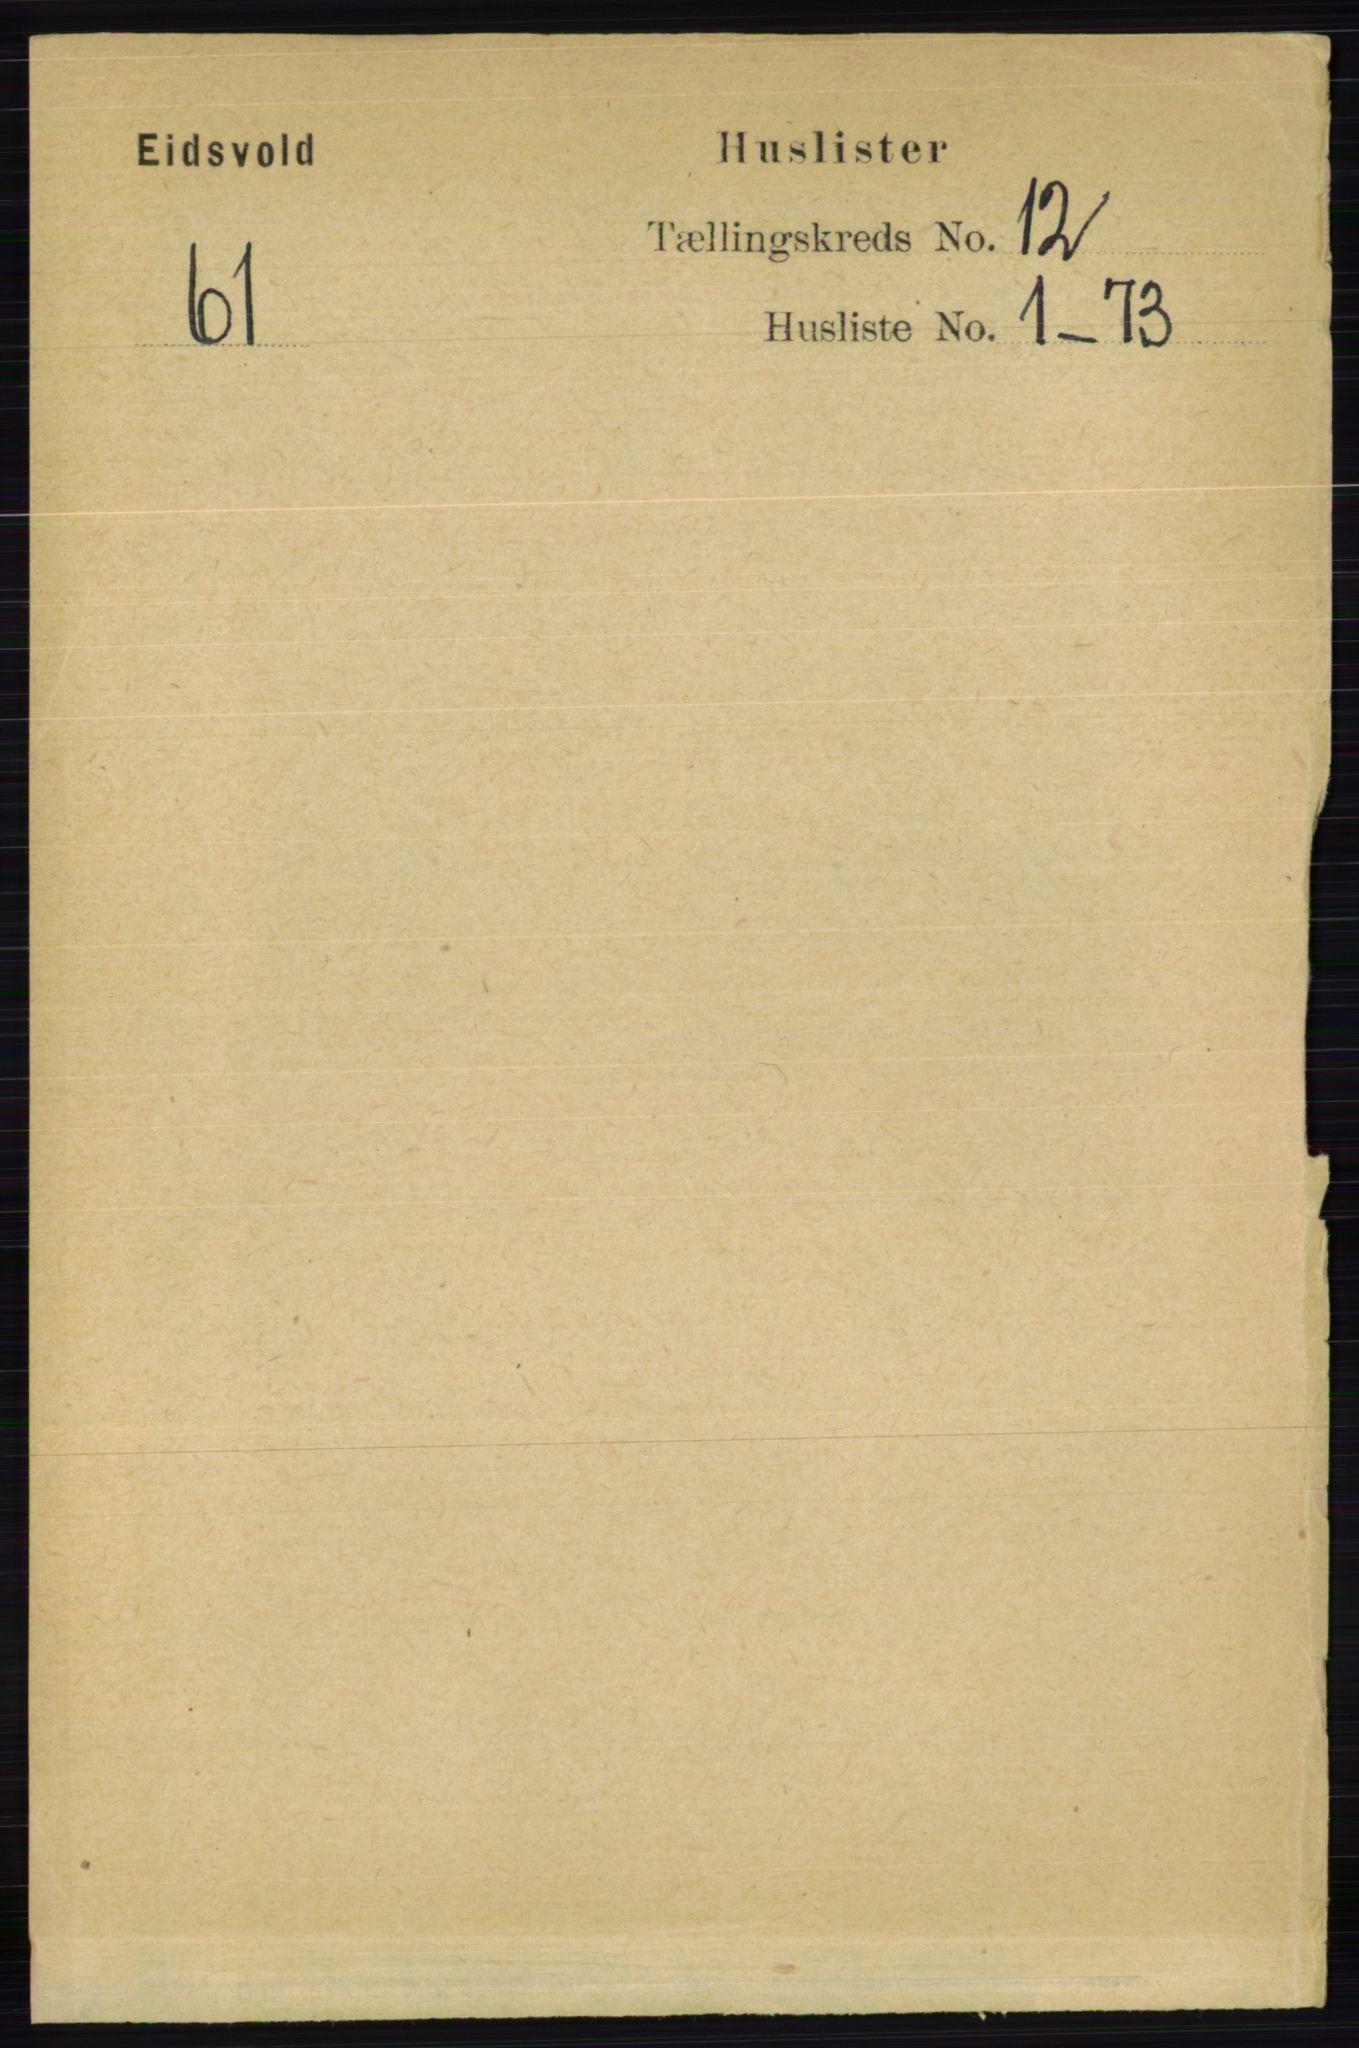 RA, Folketelling 1891 for 0237 Eidsvoll herred, 1891, s. 8406